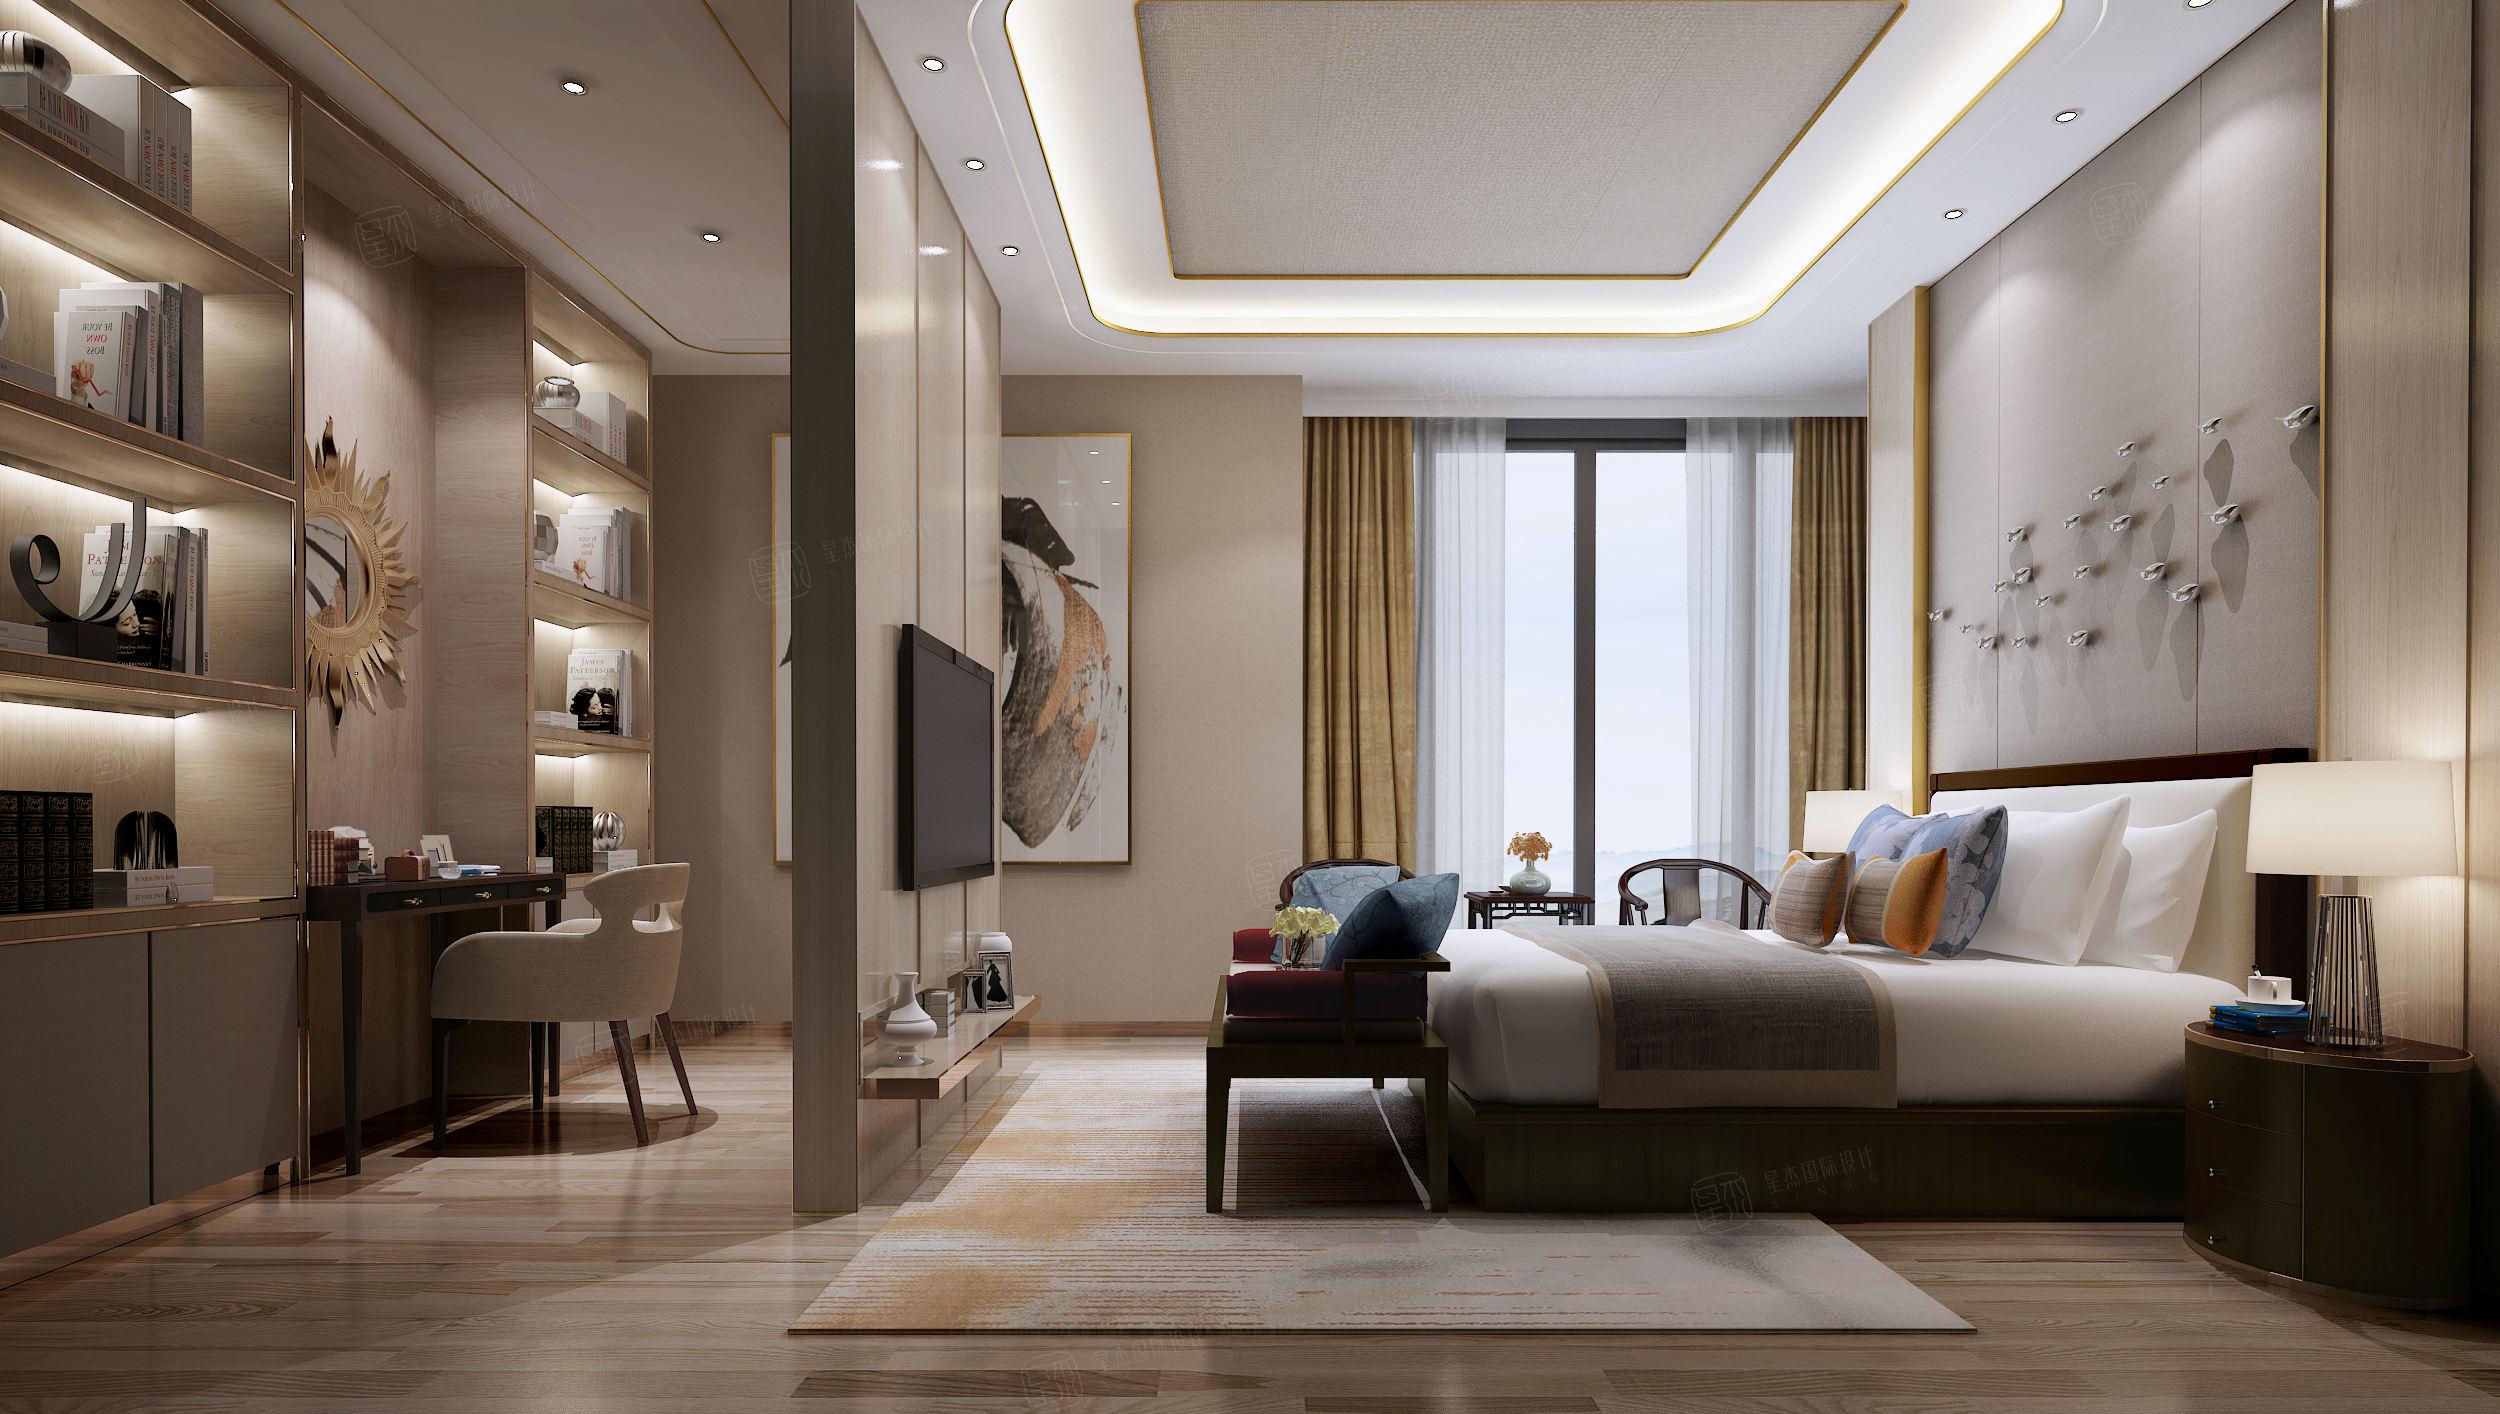 安亭瑞仕华庭 新中式装修卧室效果图